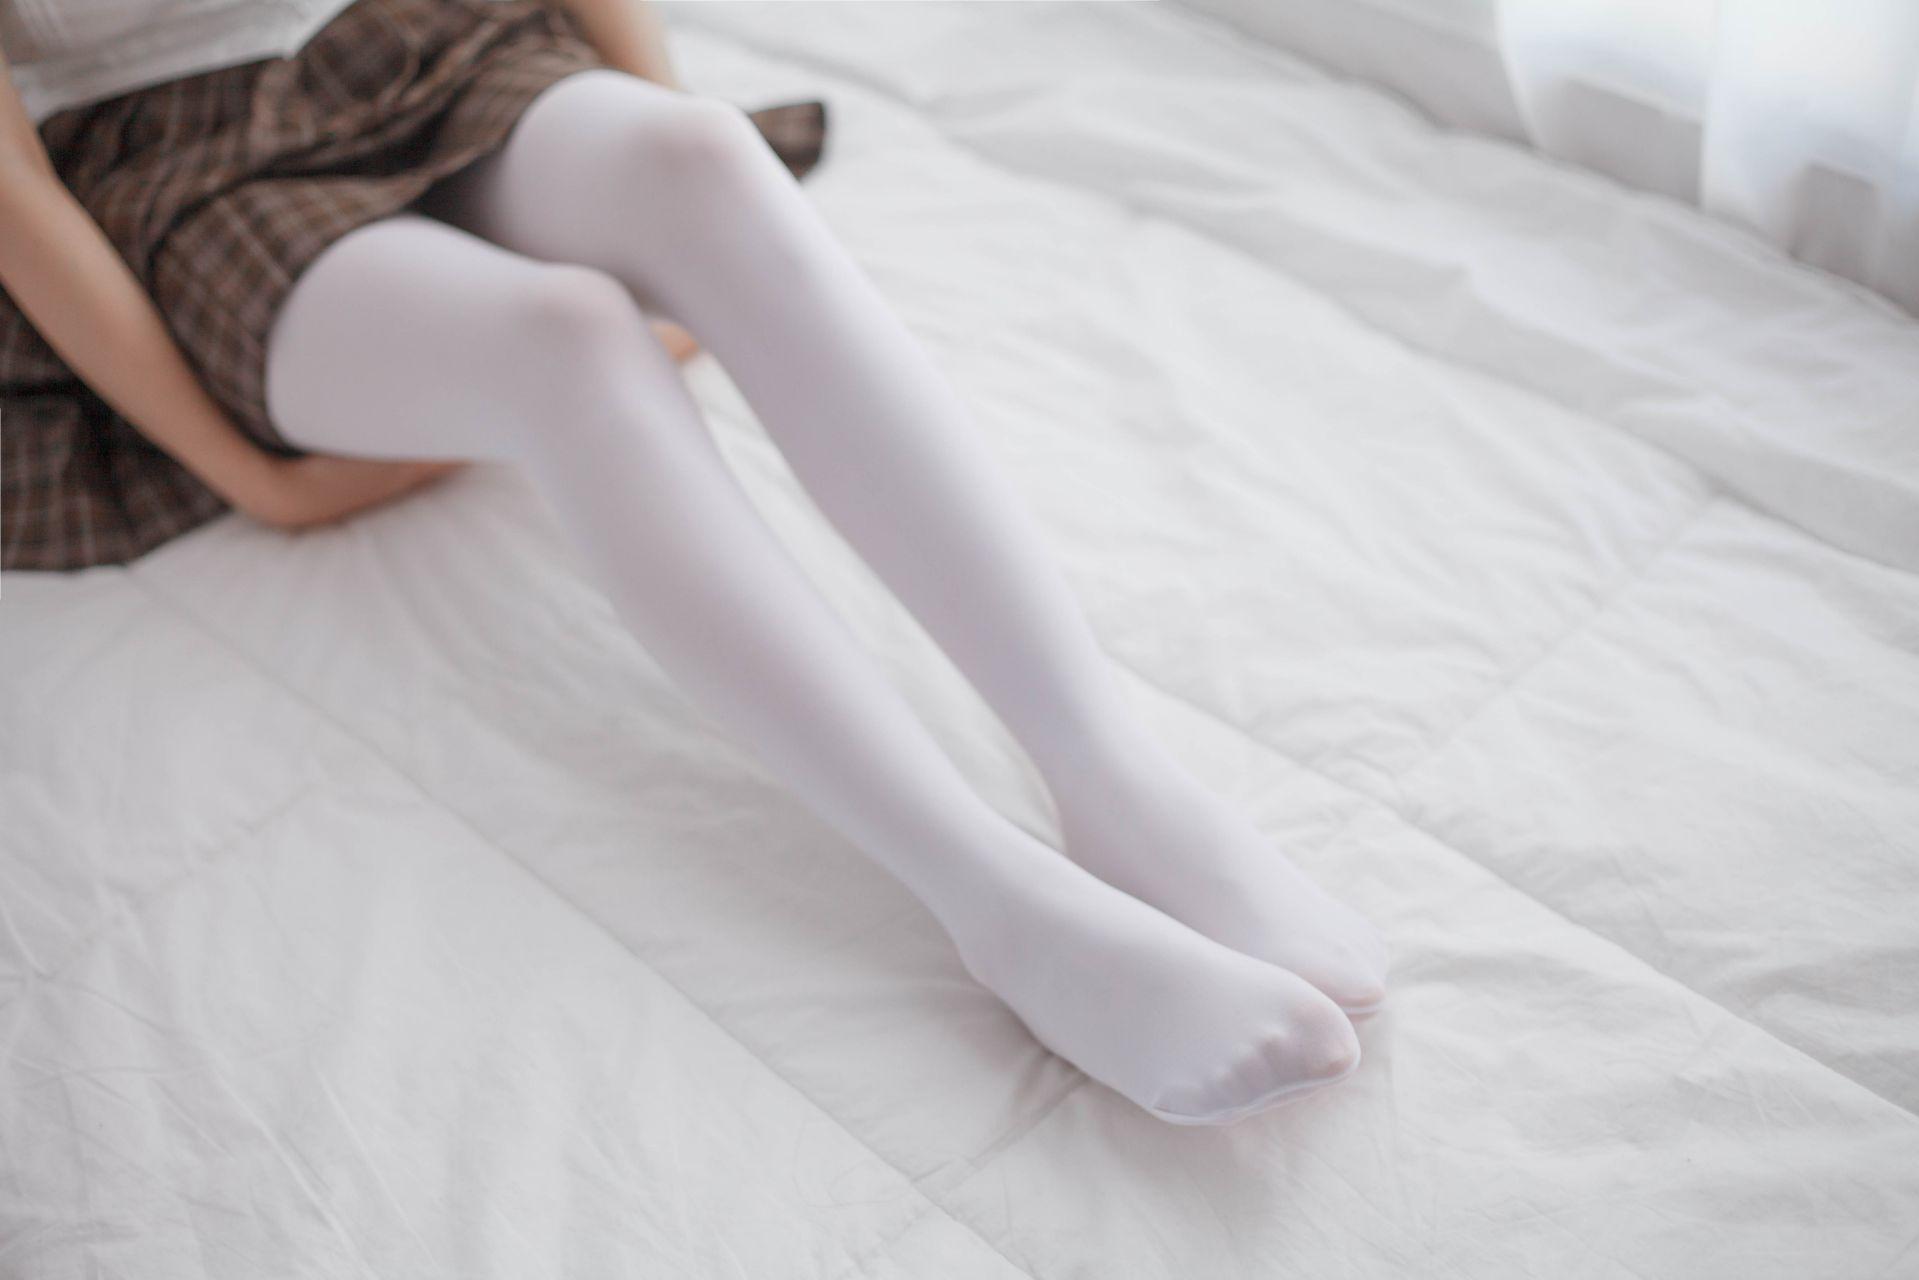 少女秩序 VOL.007 格子短裙的诱惑 兔玩映画 第51张